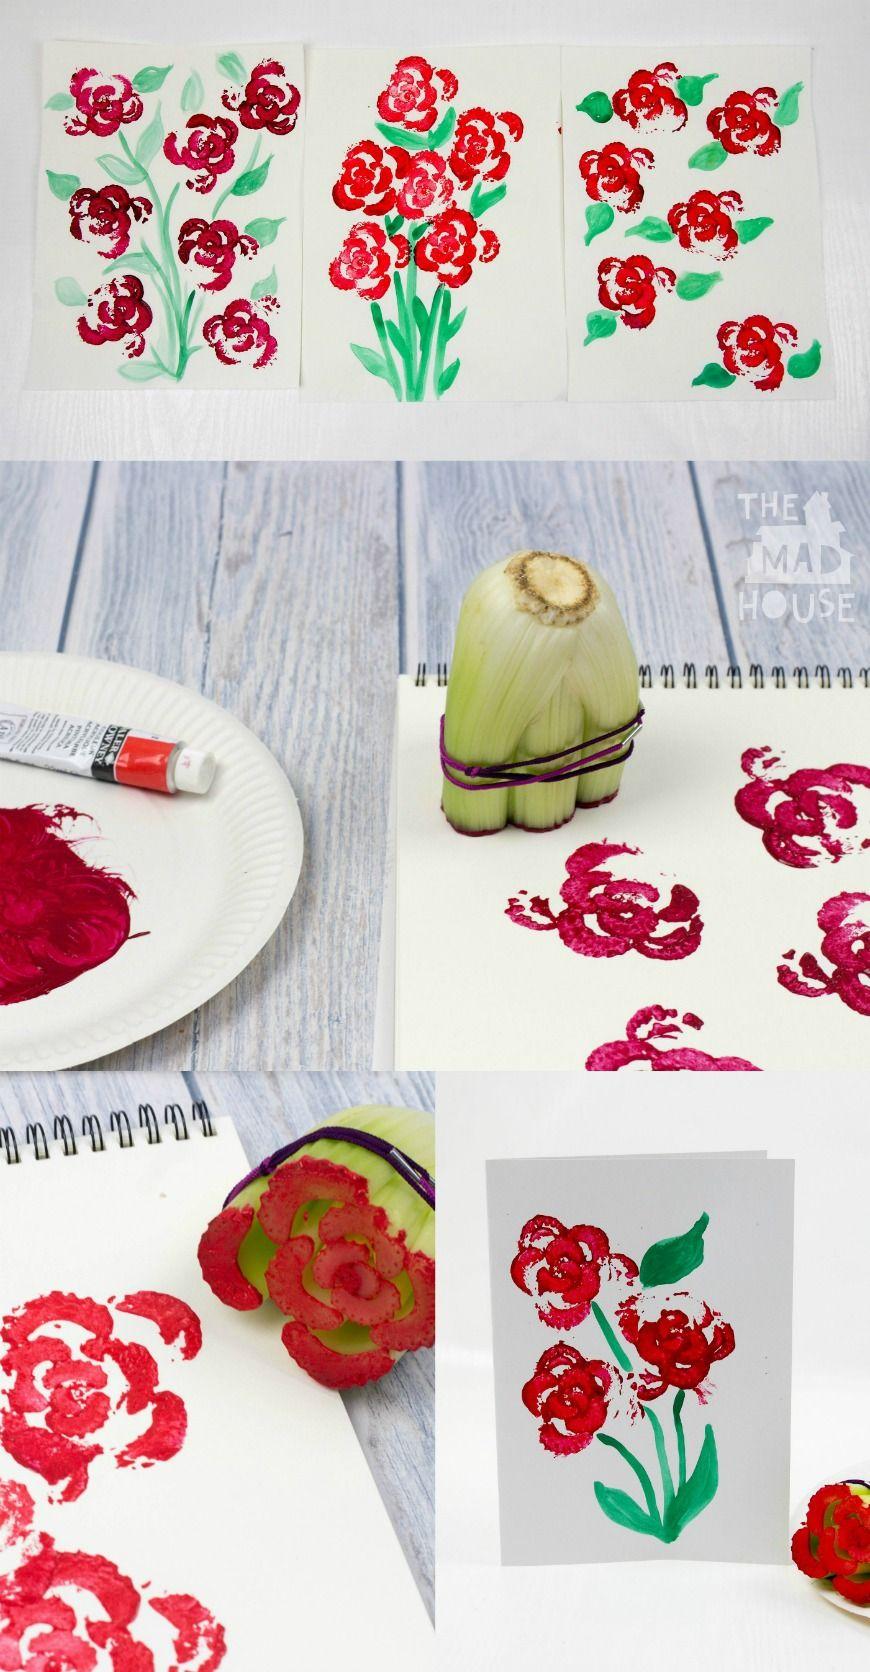 Printing Flowers with Celery Stalks – Vegetable Printing | Pinterest ...